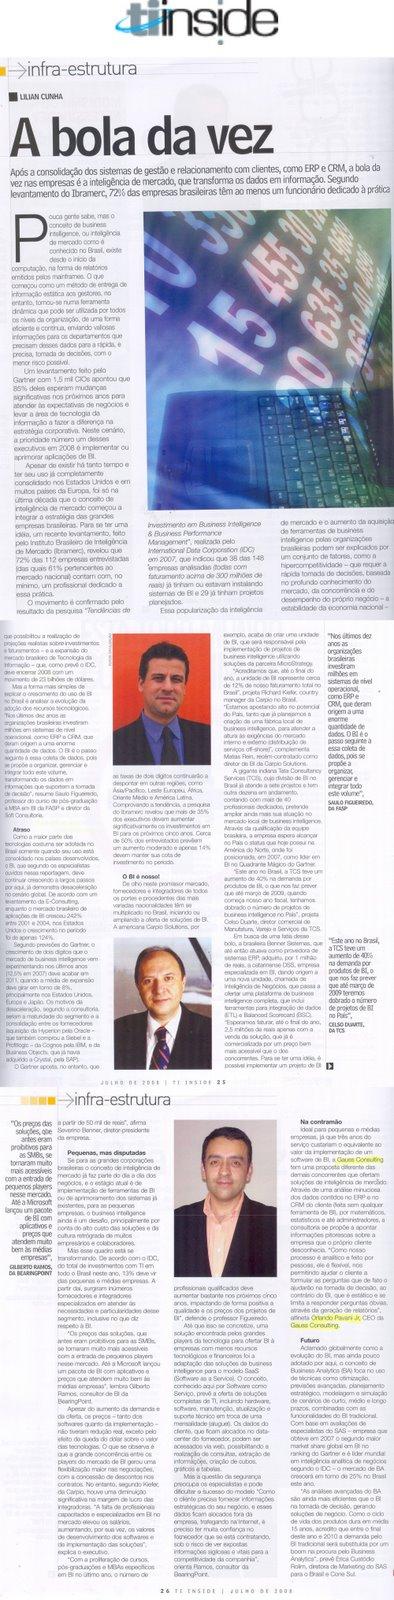 [Revista+TI+Inside.jpg_jul08]